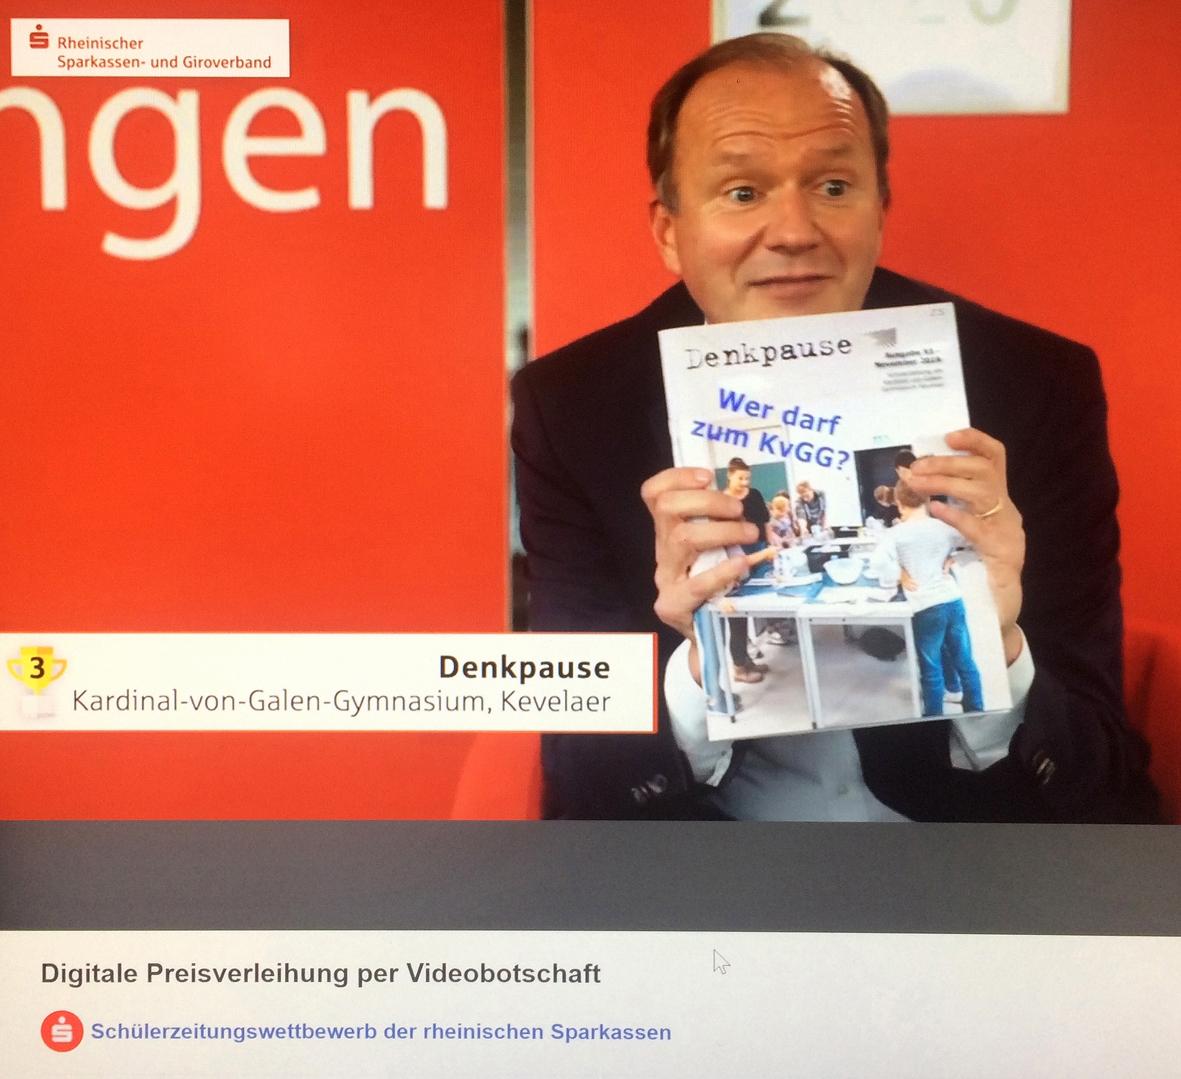 Michael Breuer, dem Präsidenten des rheinischen Sparkassen- und Giroverbandes